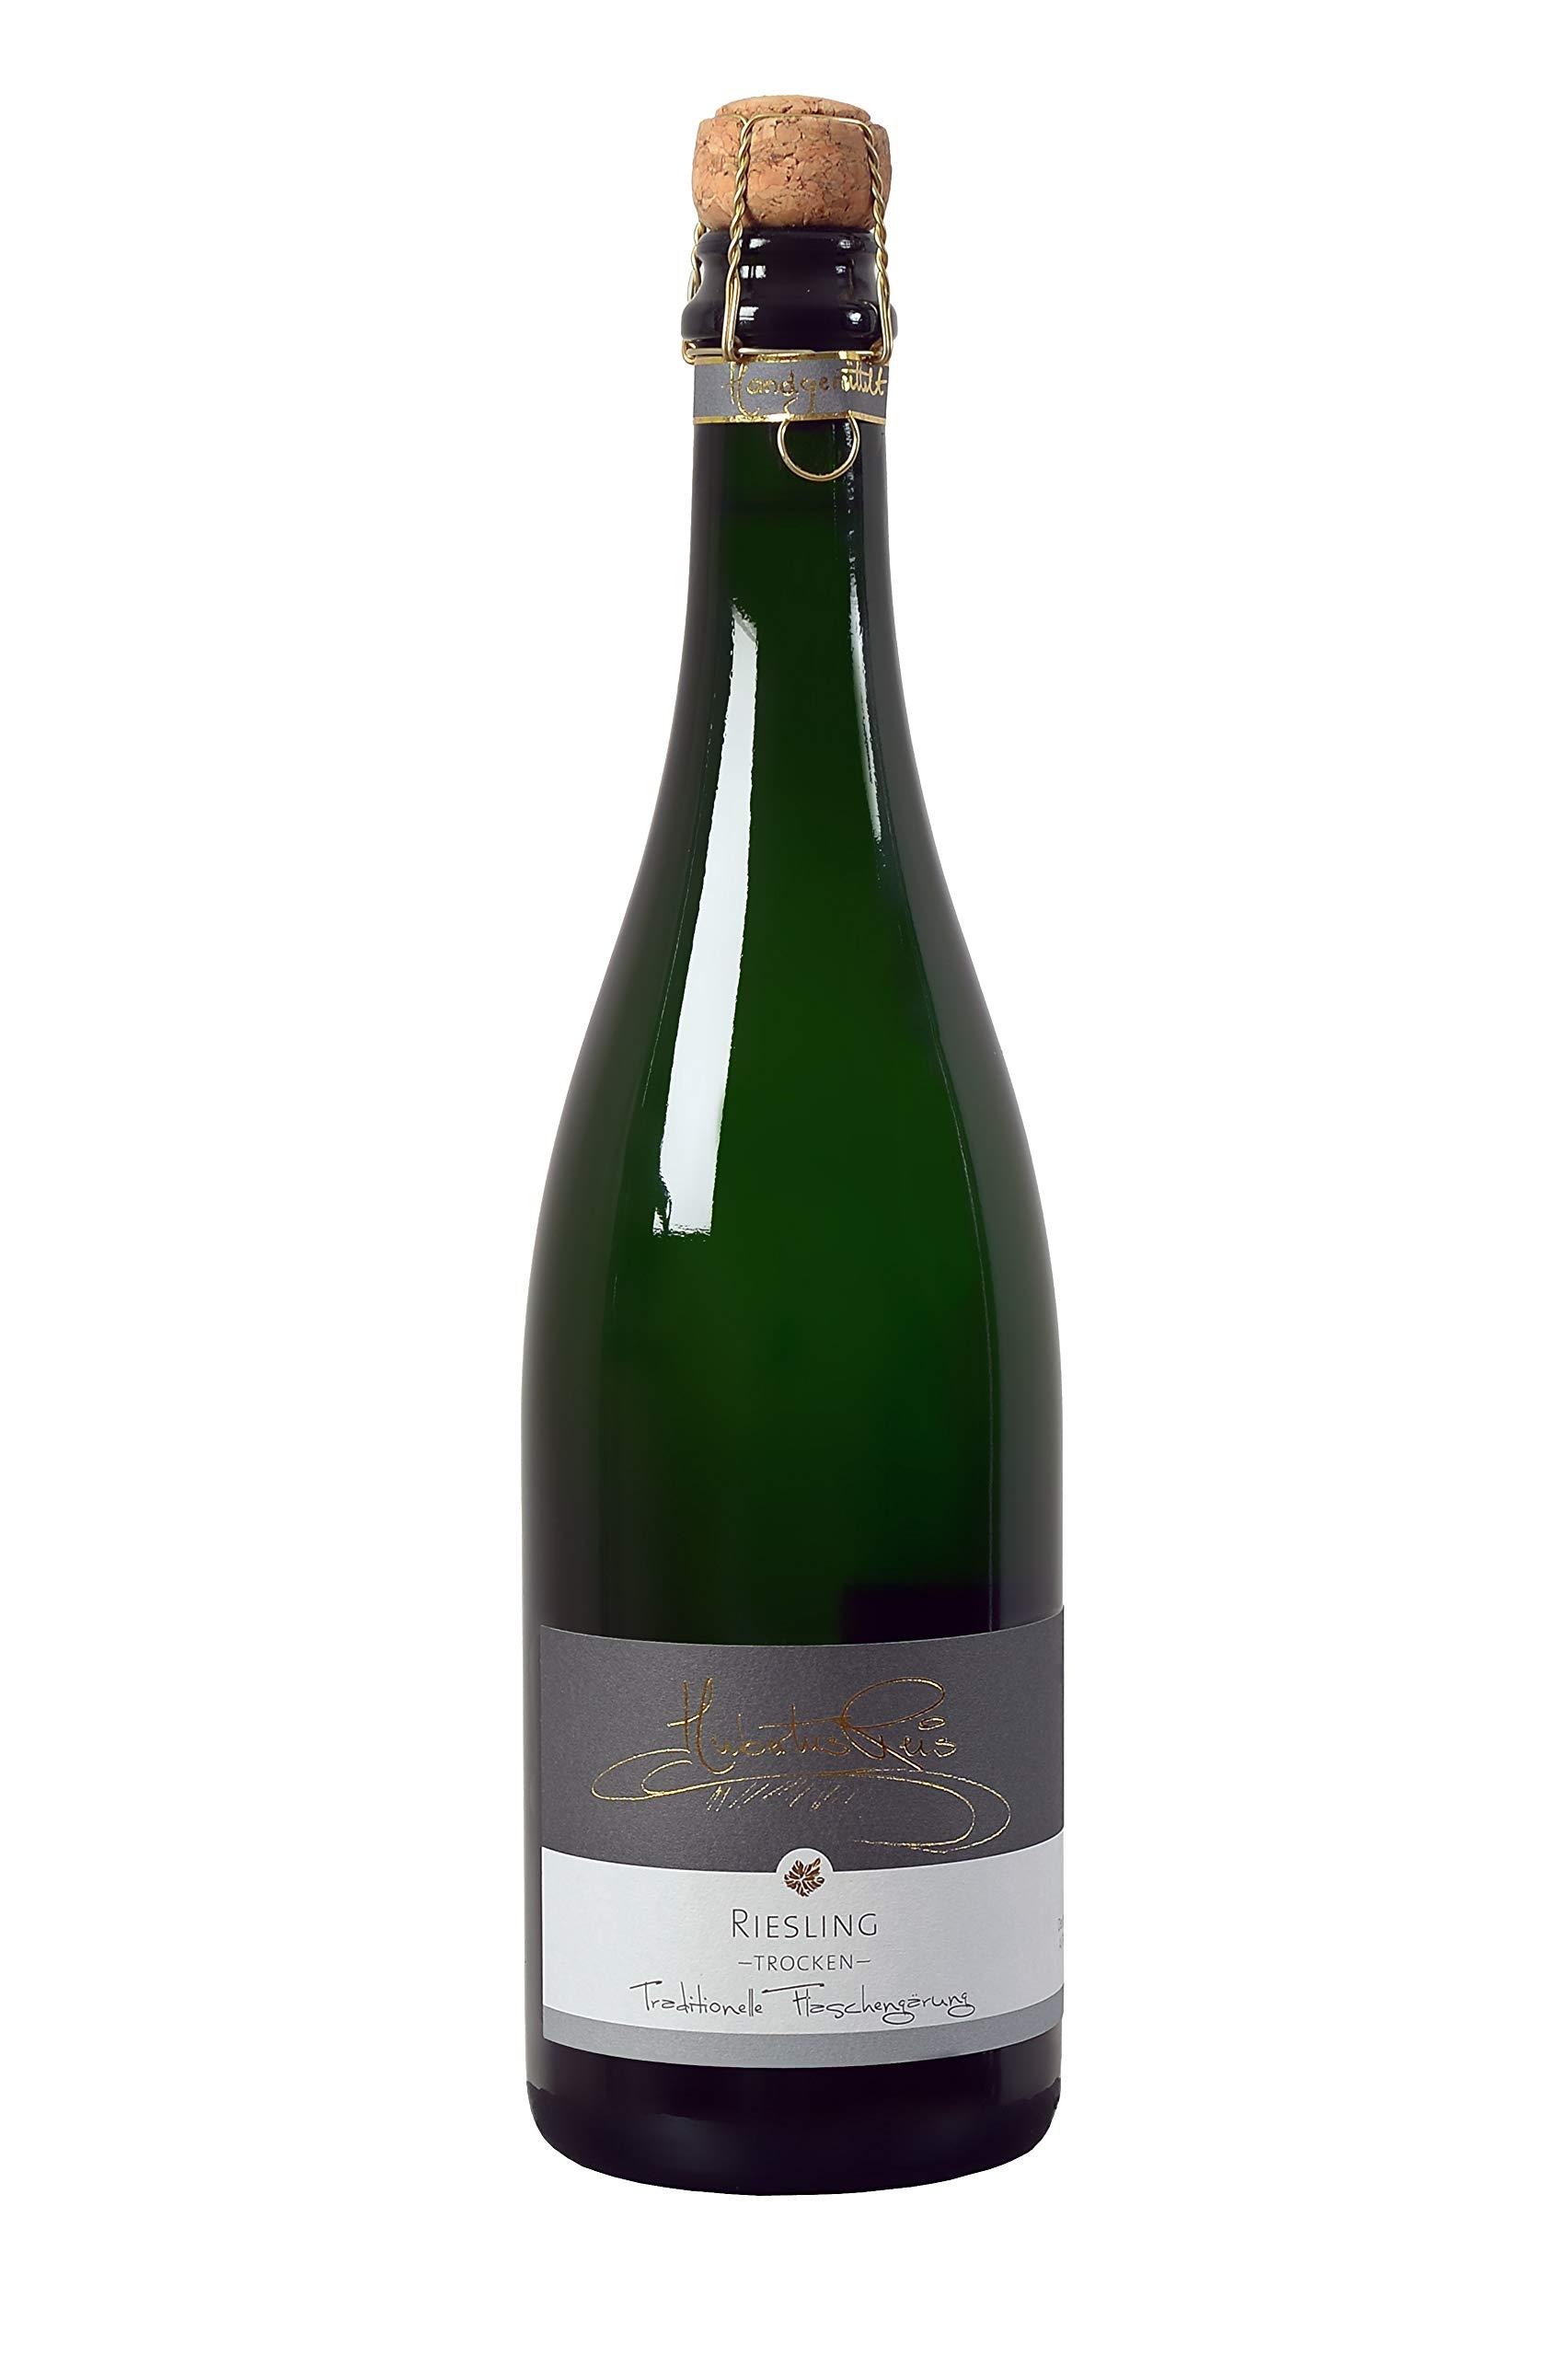 Hubertus-Reis-Riesling-Sekt-trocken-Mosel-6-x-075-l-Winzersekt-Traditionelle-Flaschengrung-Handgerttelt